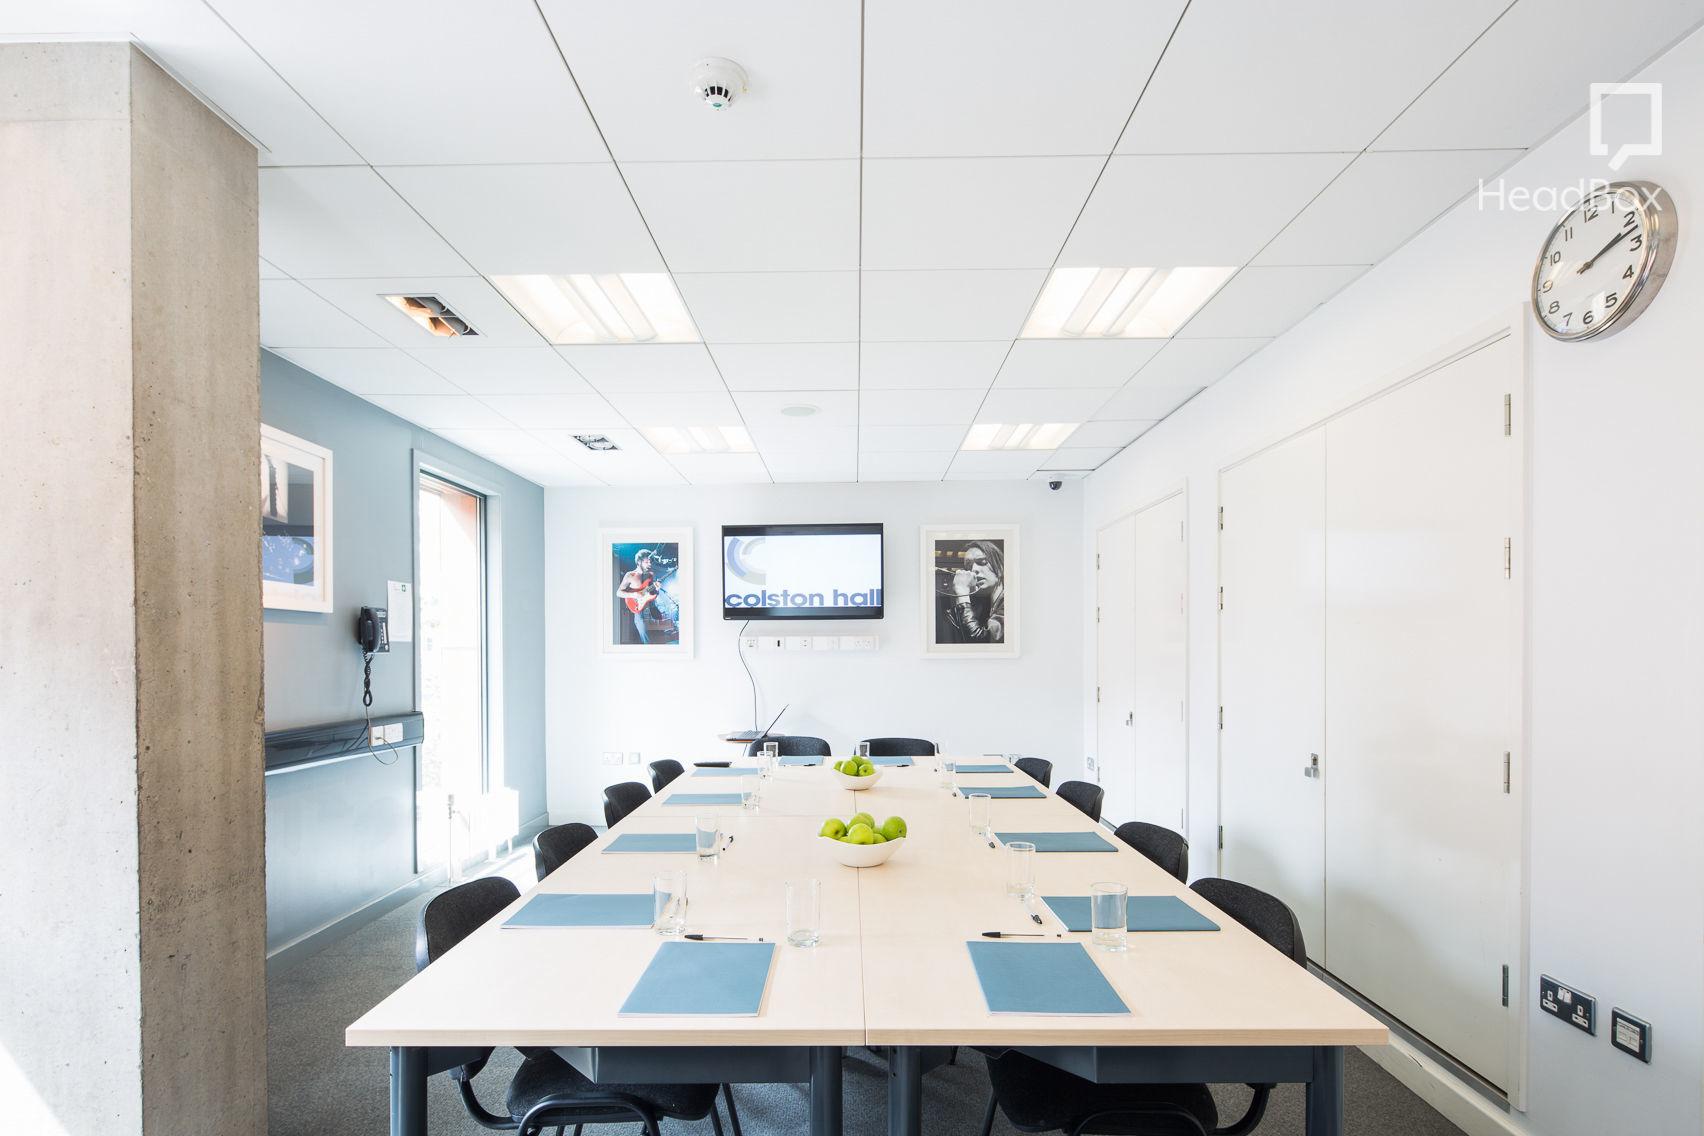 Meeting Room 2, Colston Hall